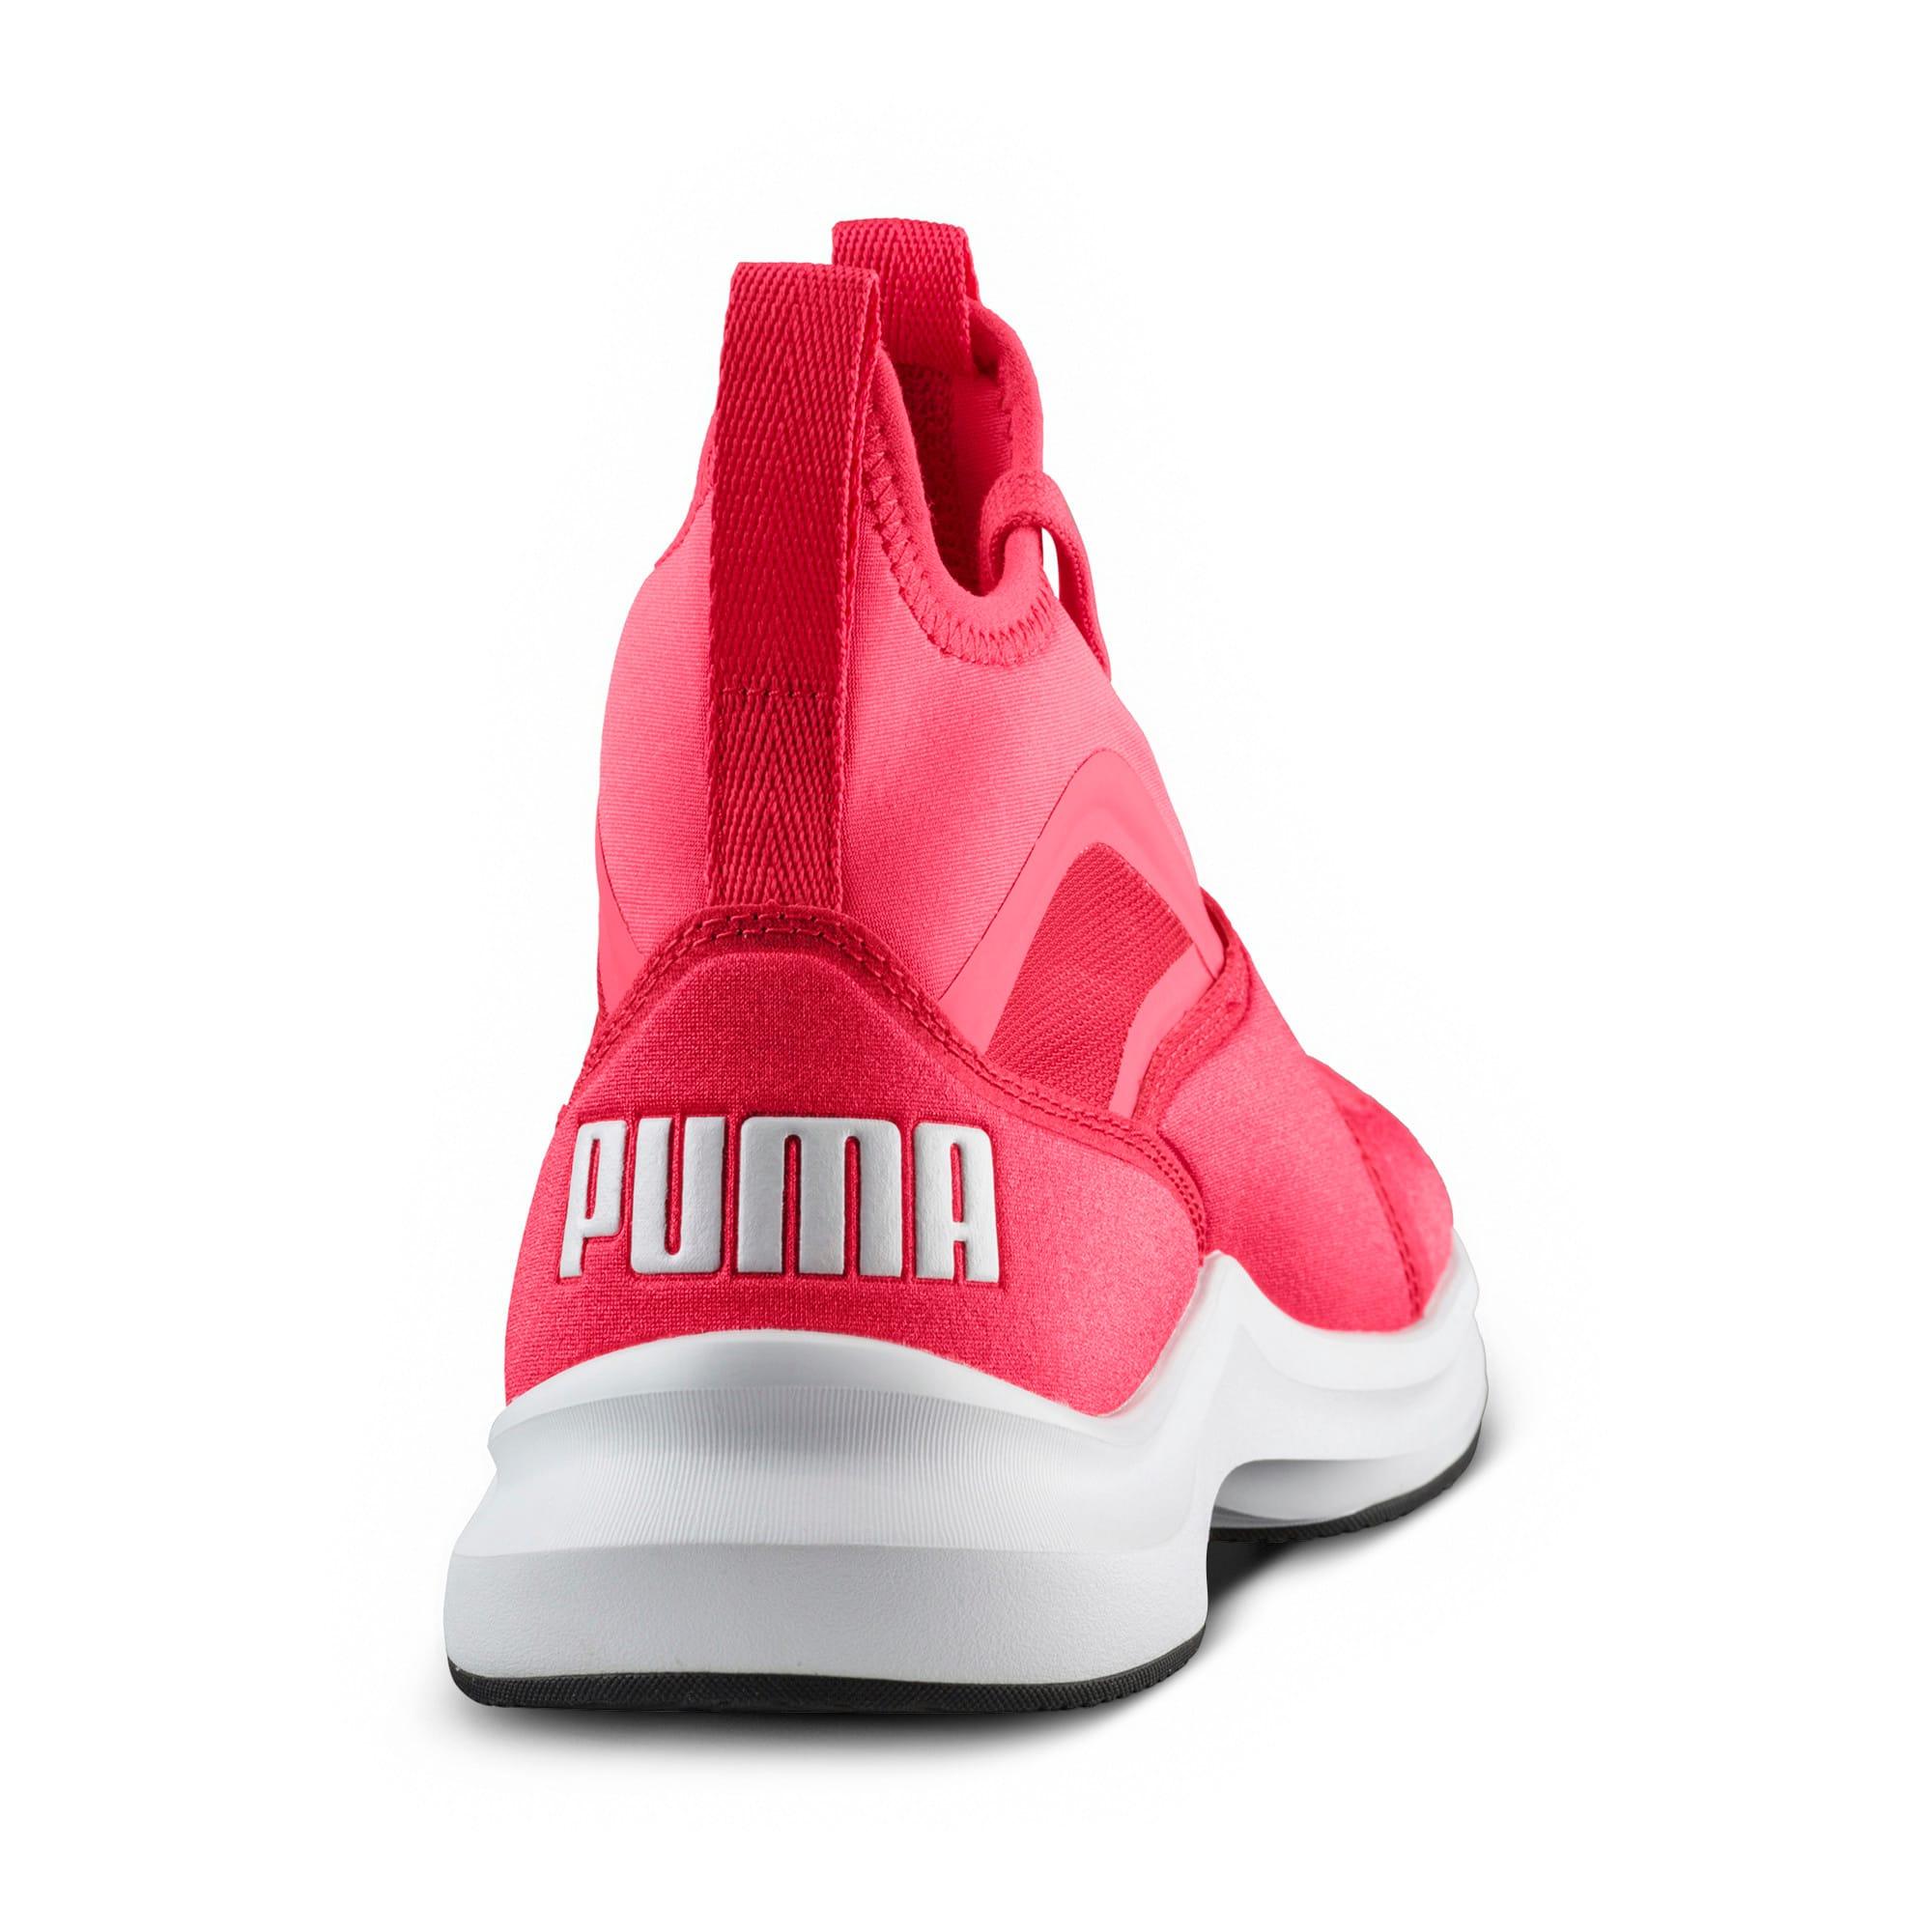 Thumbnail 4 of Phenom Women's Training Shoes, Paradise Pink-Puma White, medium-IND